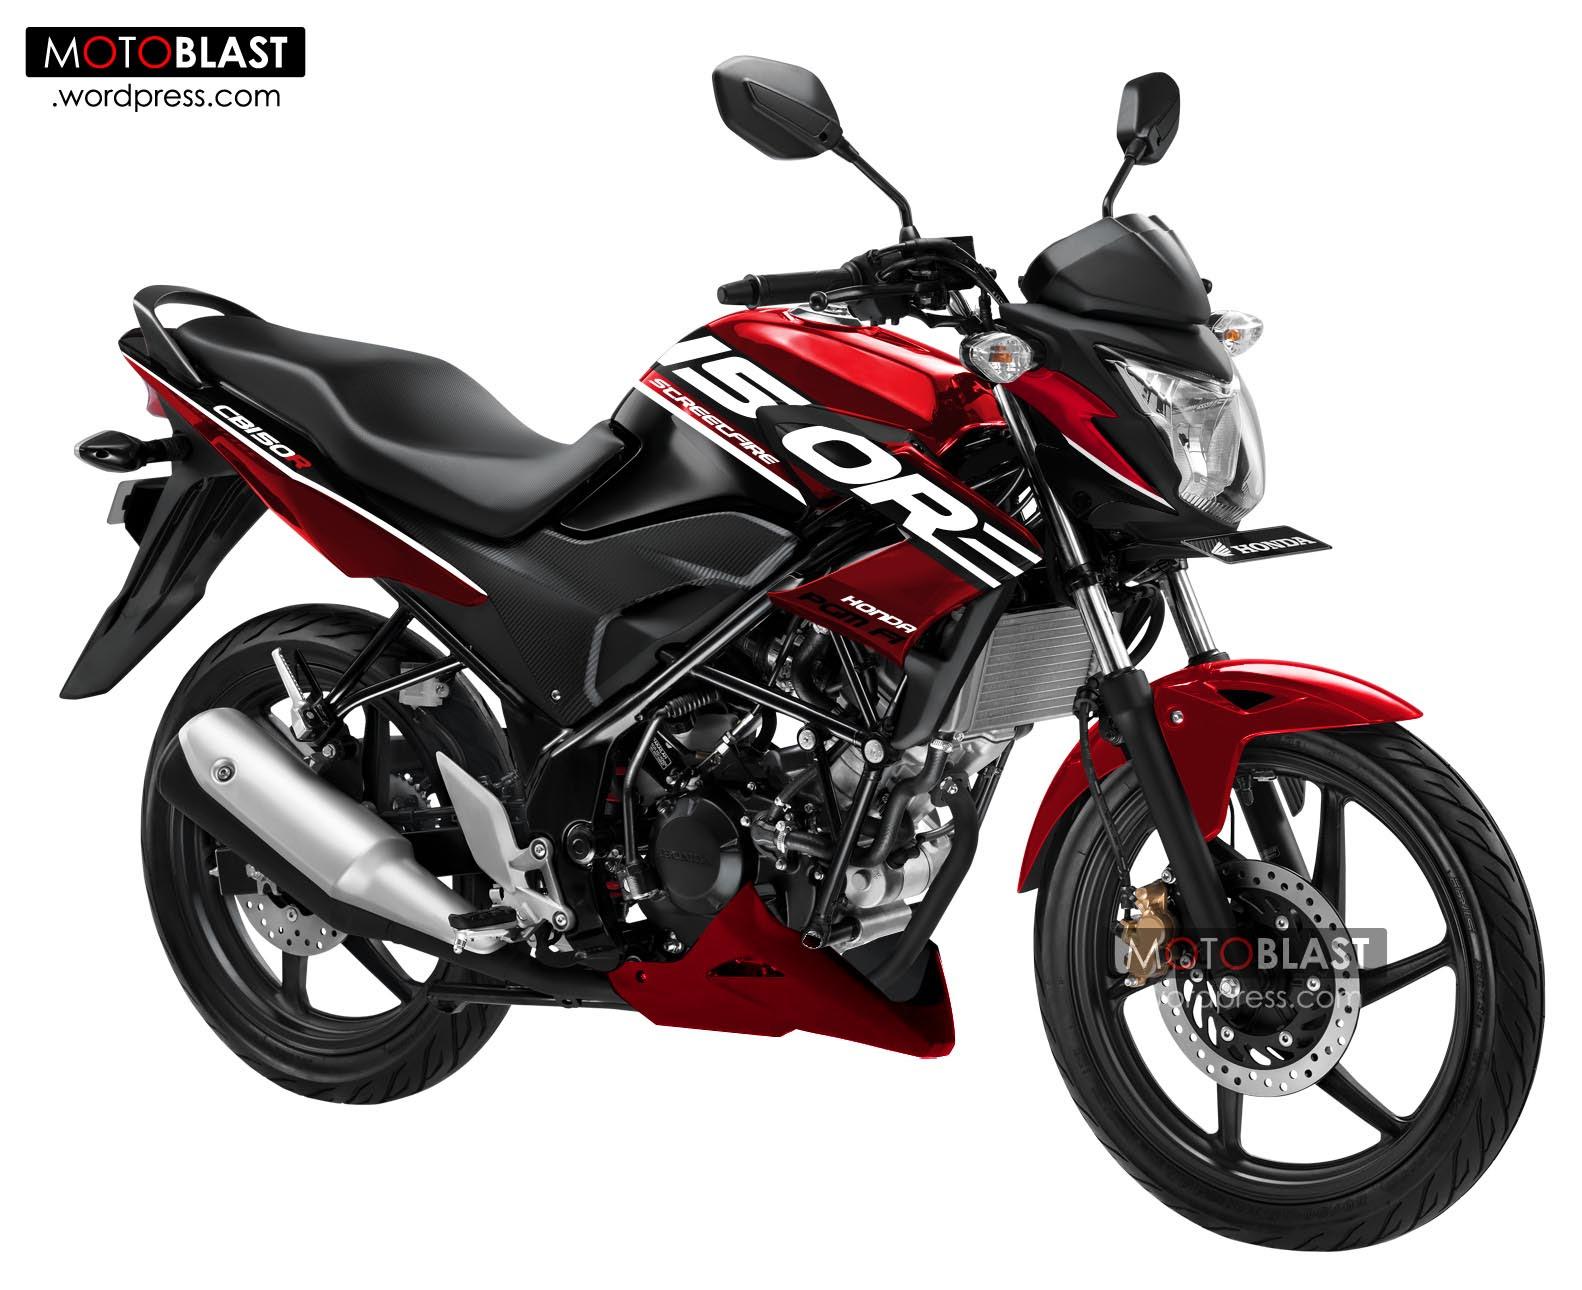 Foto Modif Motor Cb150r Warna Merah Modifikasi Motor Beat Terbaru